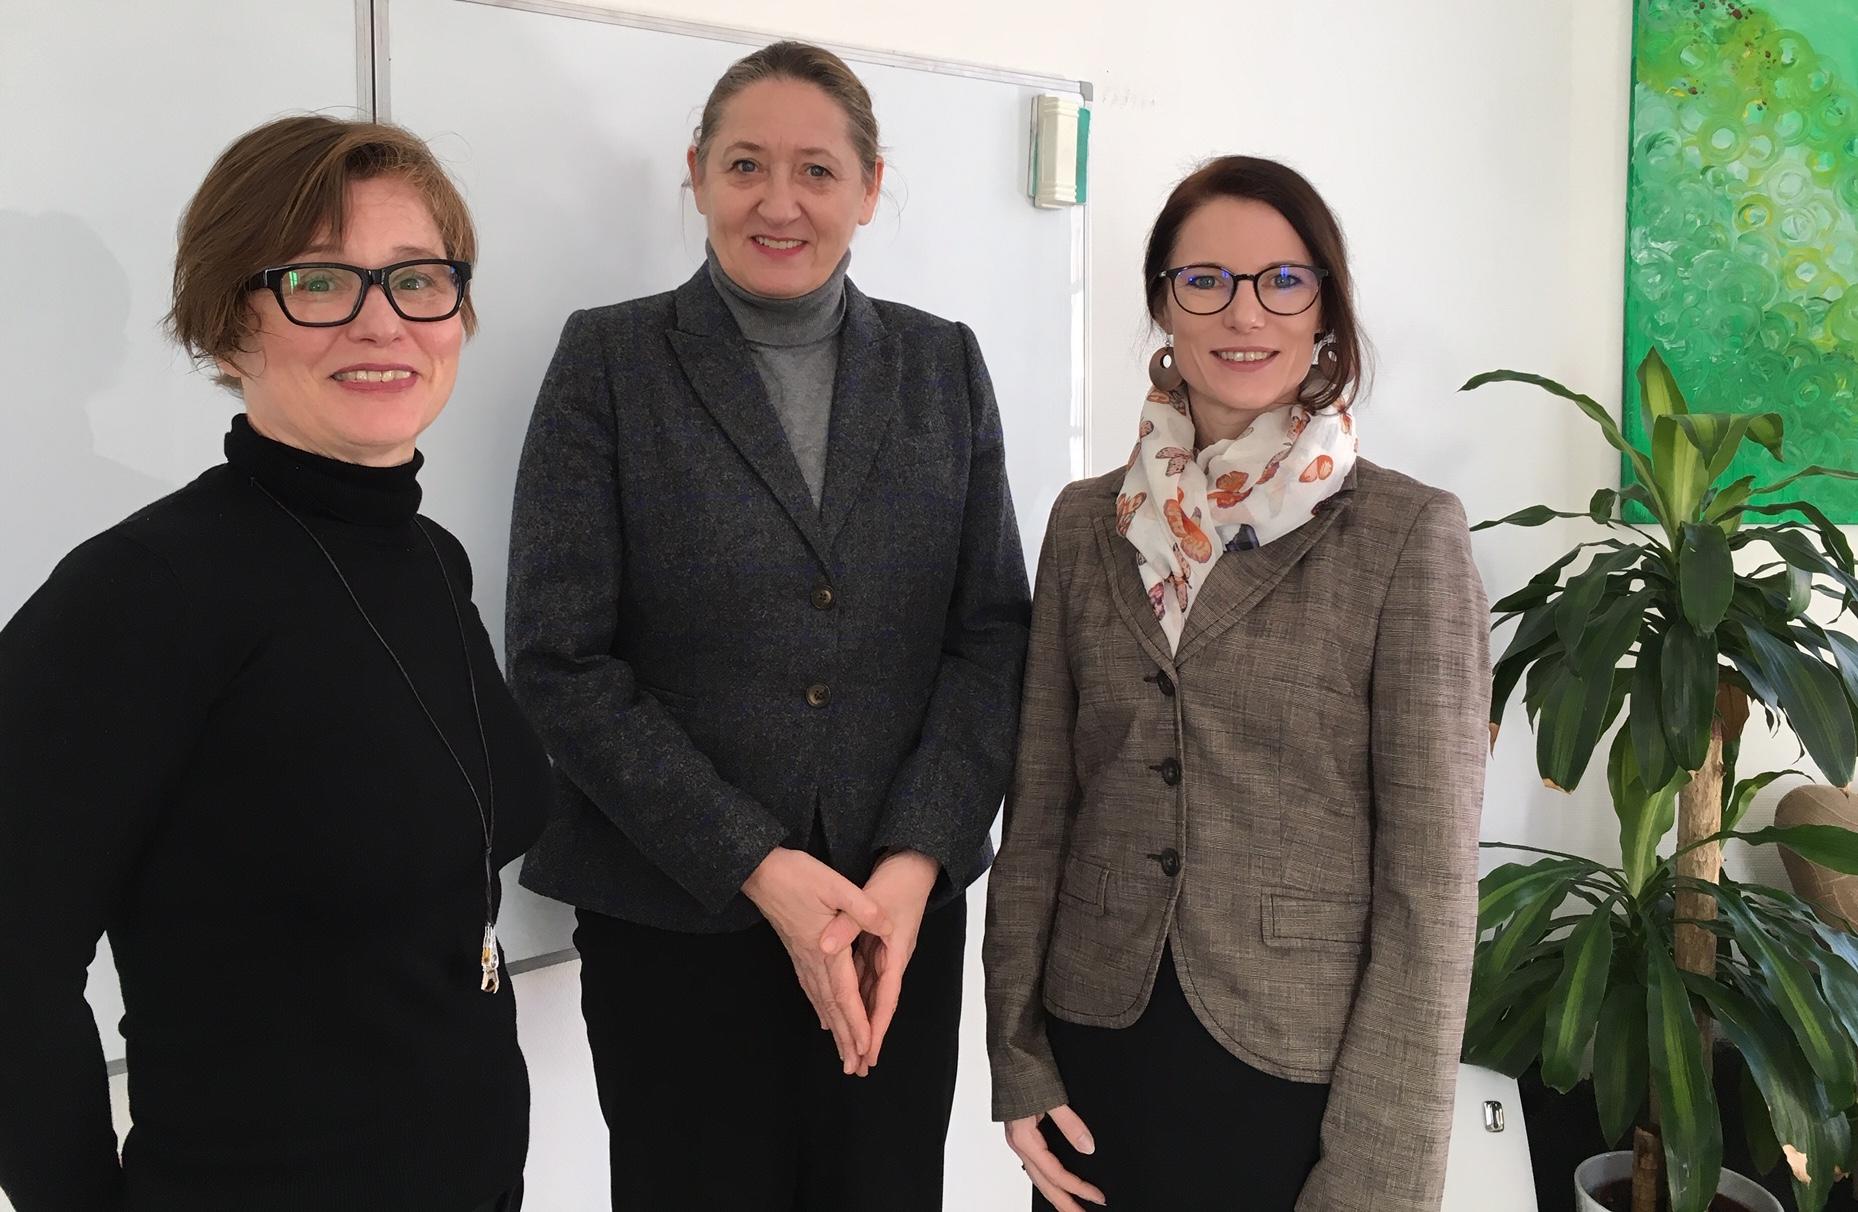 Mehr Gründerinnen in Göttingen fördern